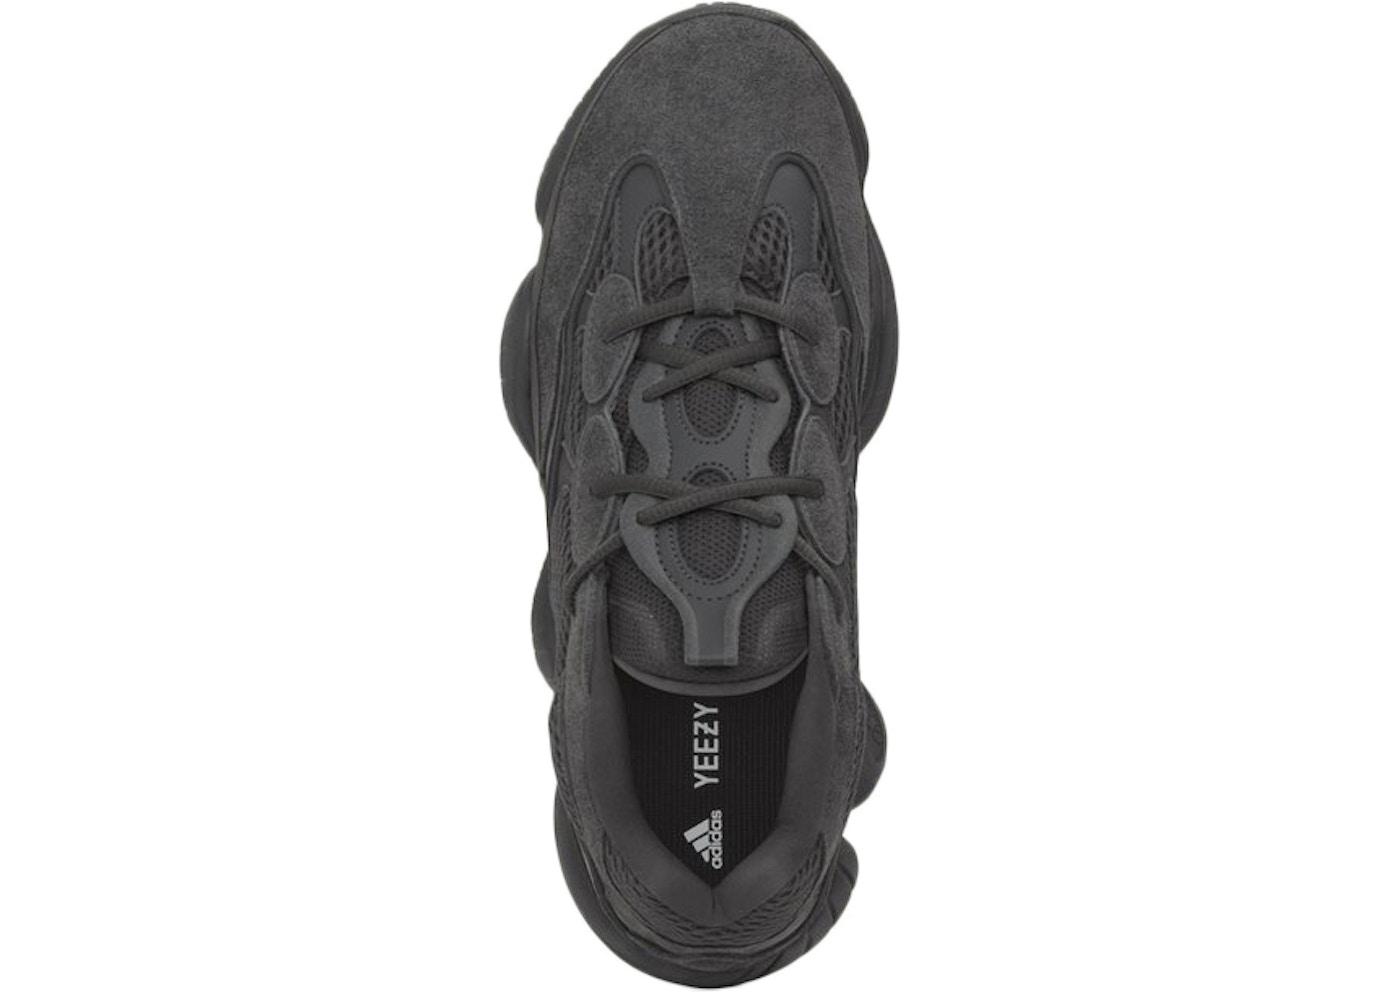 2fe2870a26fa2 adidas Yeezy 500 Utility Black - F36640